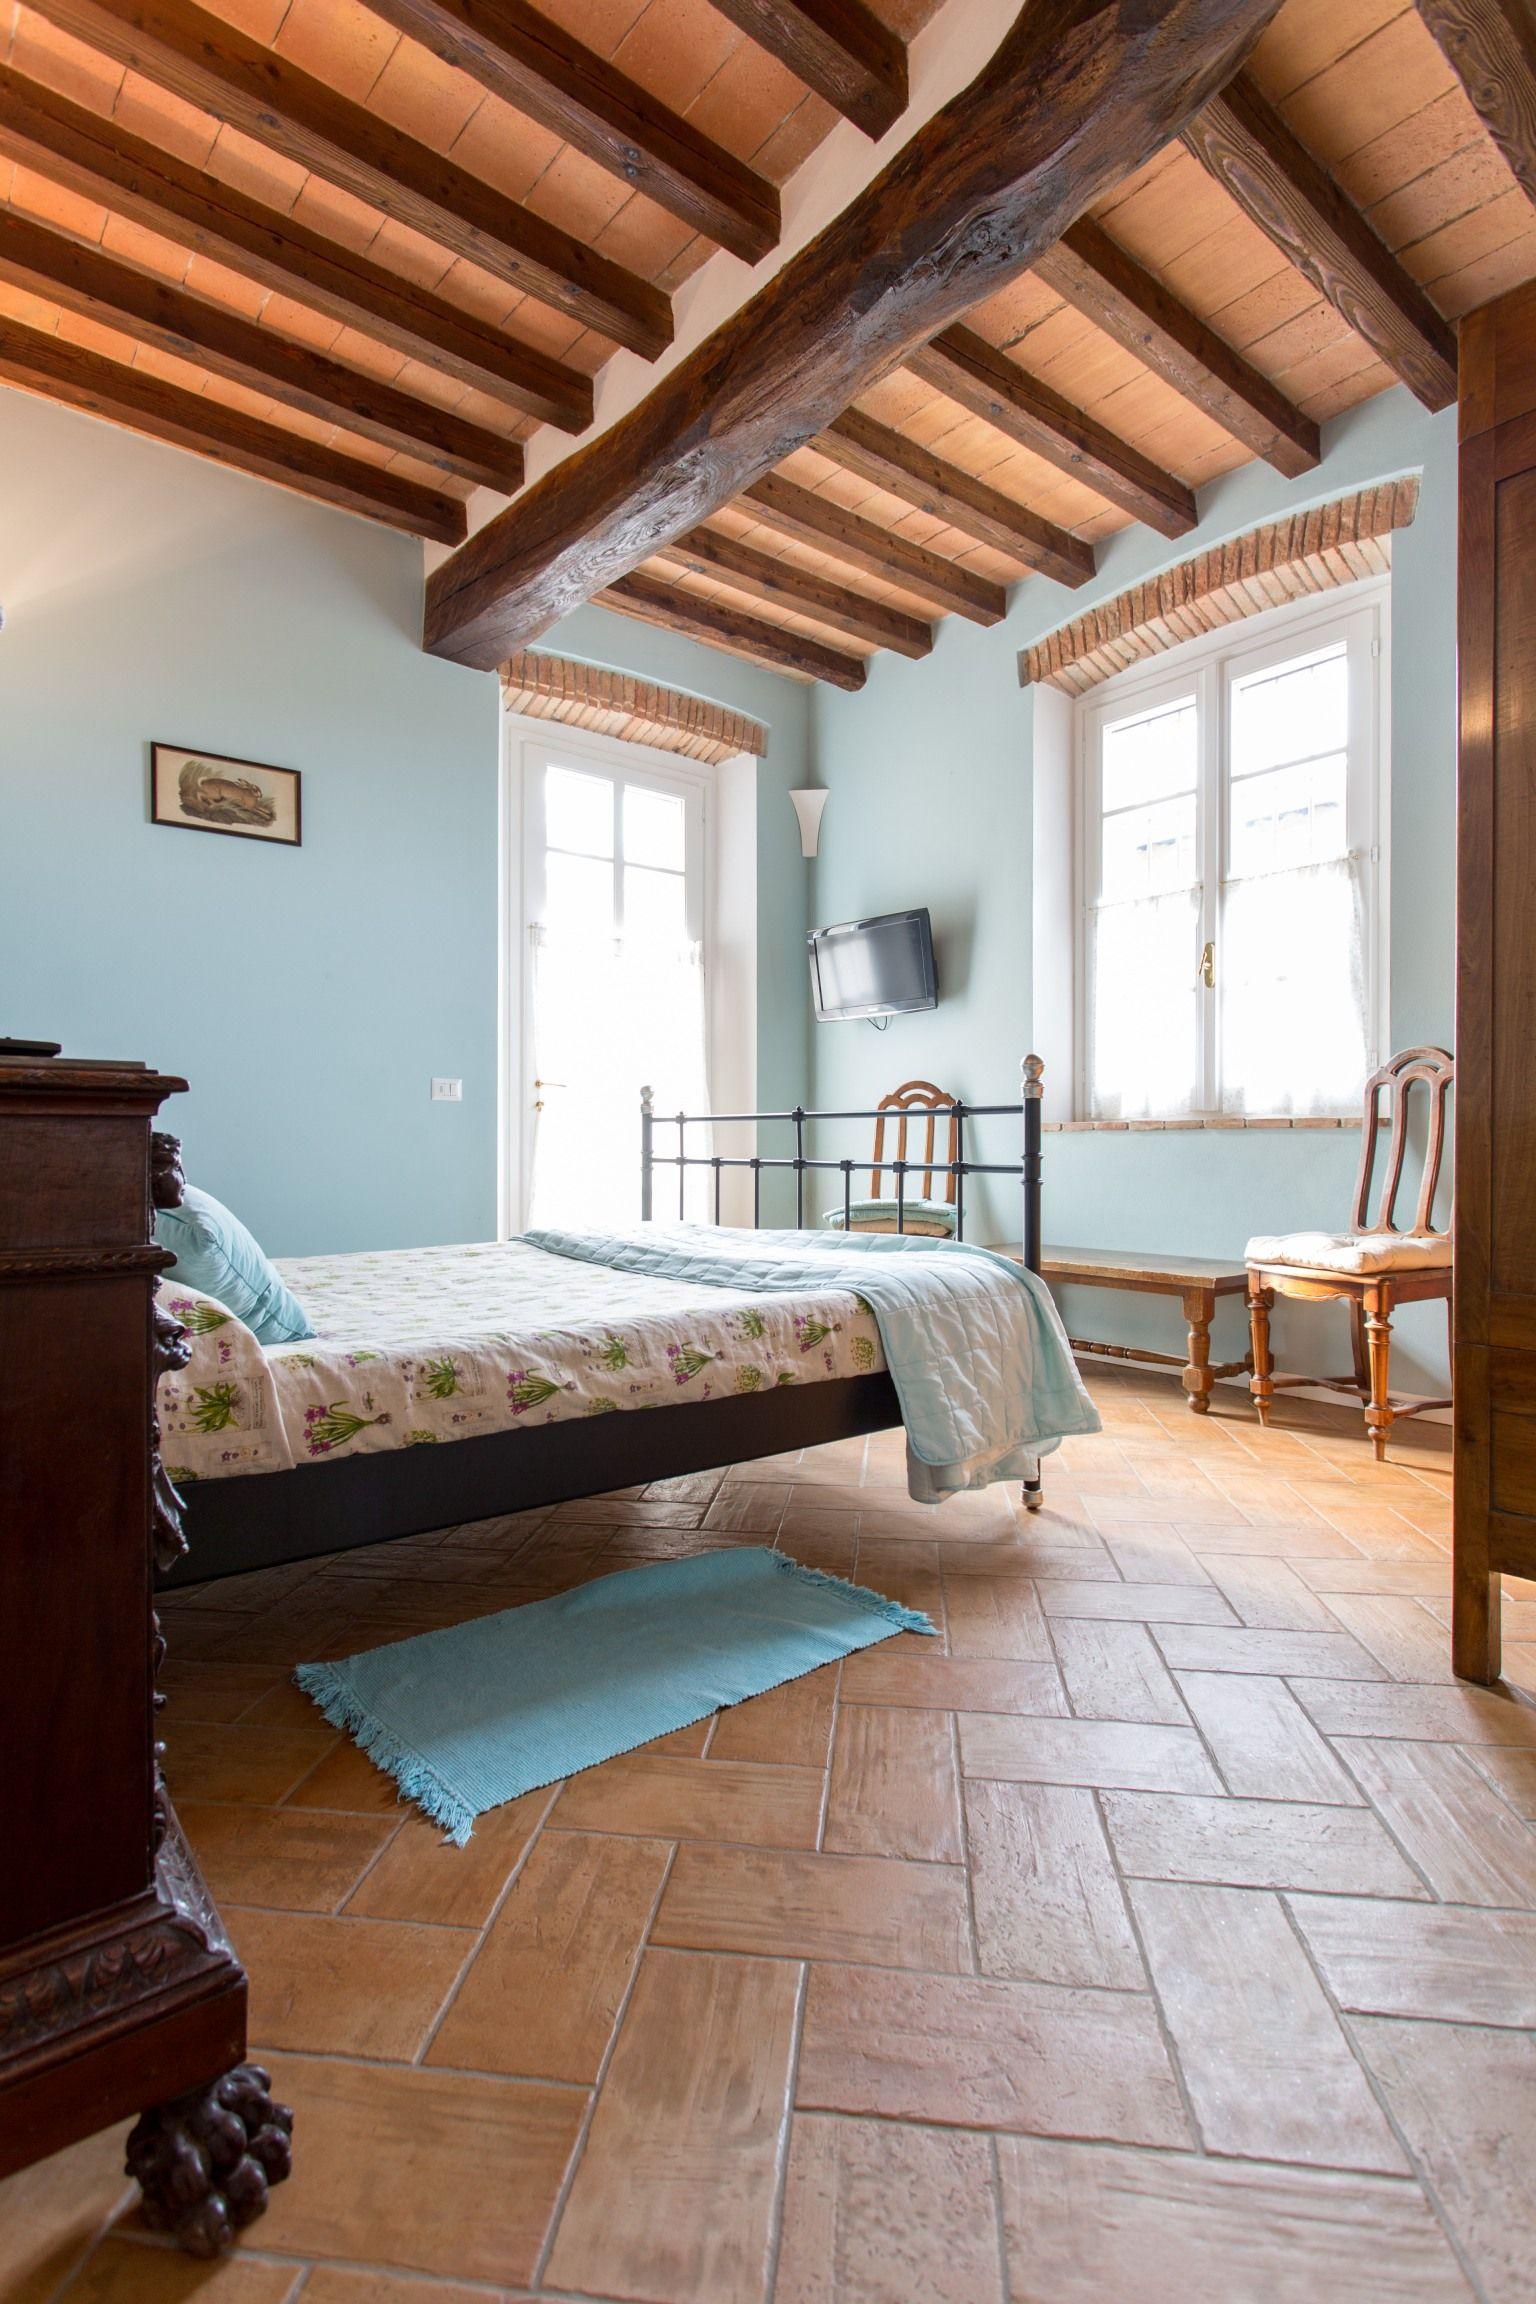 Bed&Breakfast Casa di Arola parmanelcuoredelgusto